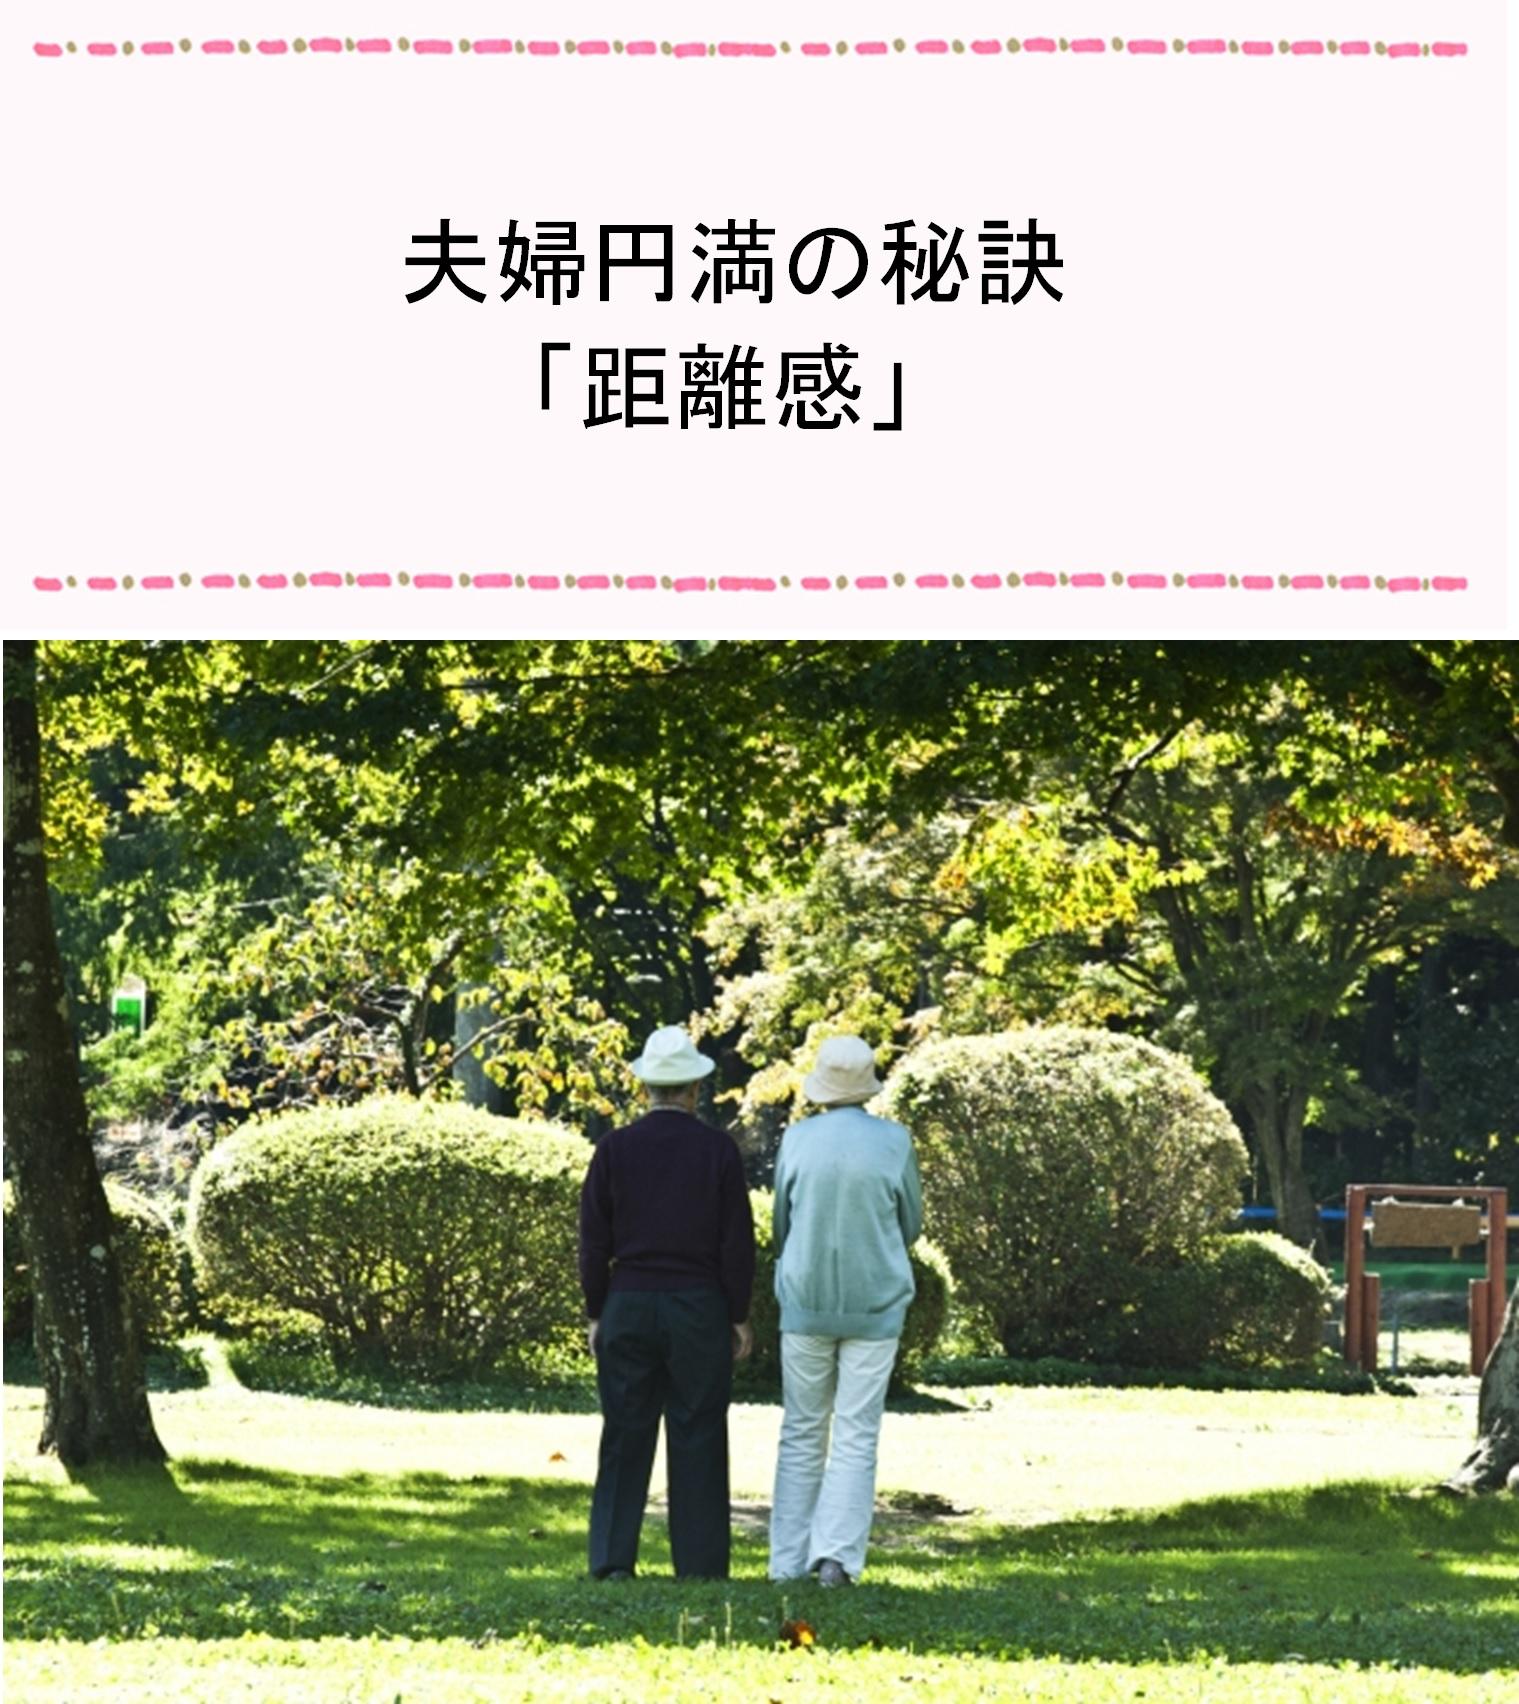 夫婦円満の秘訣「距離感」